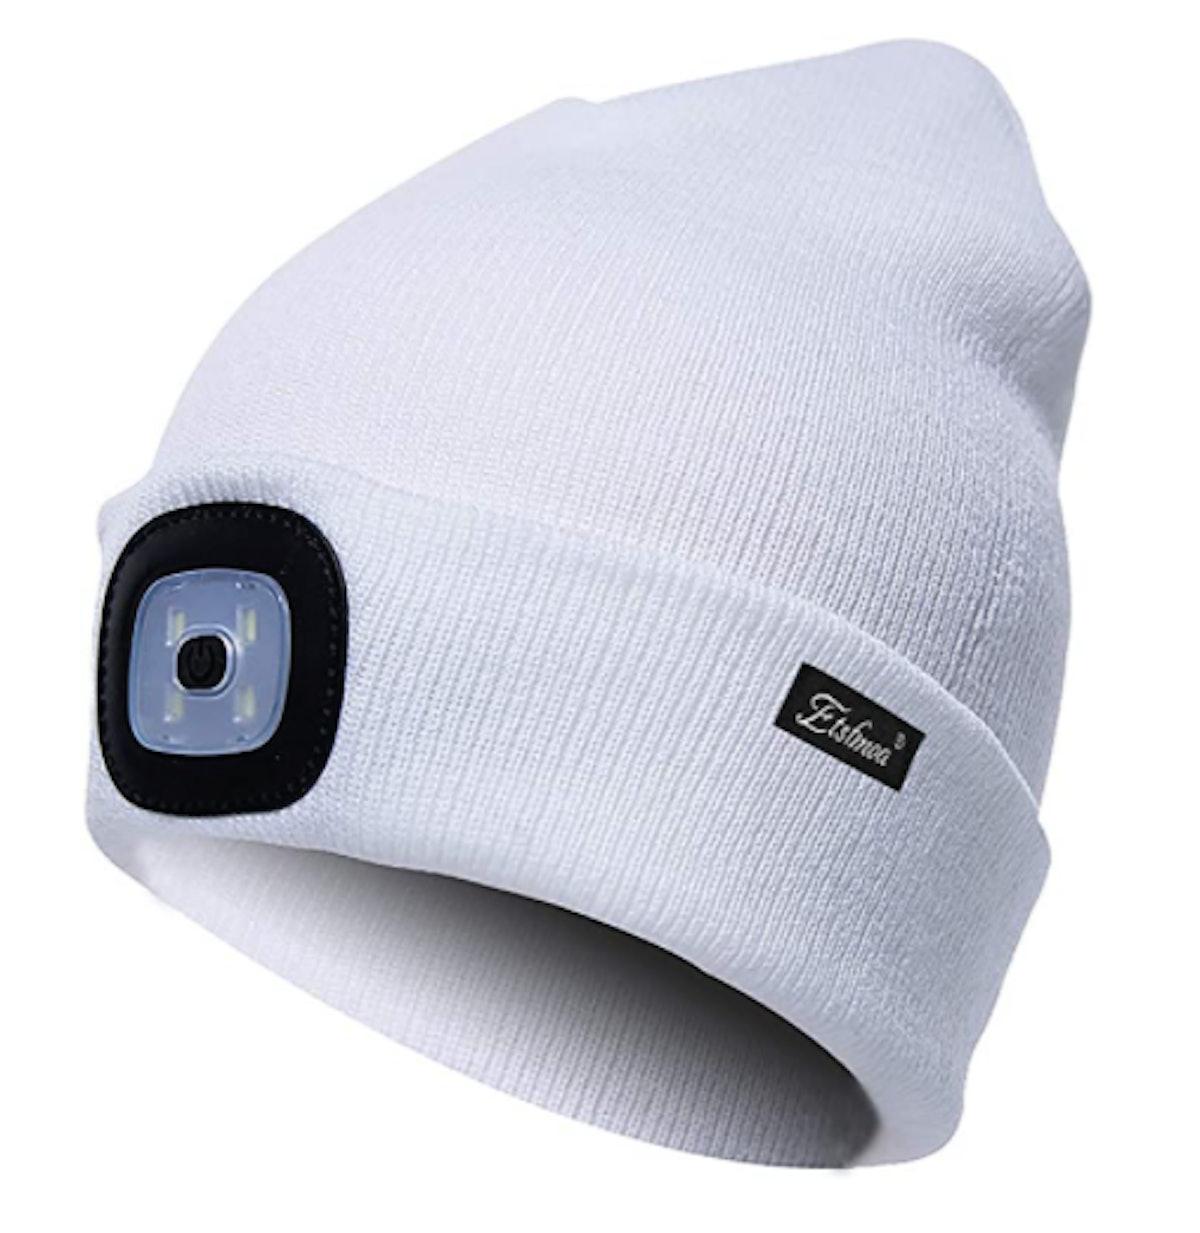 Etsfmoa LED Headlight Beanie Hat